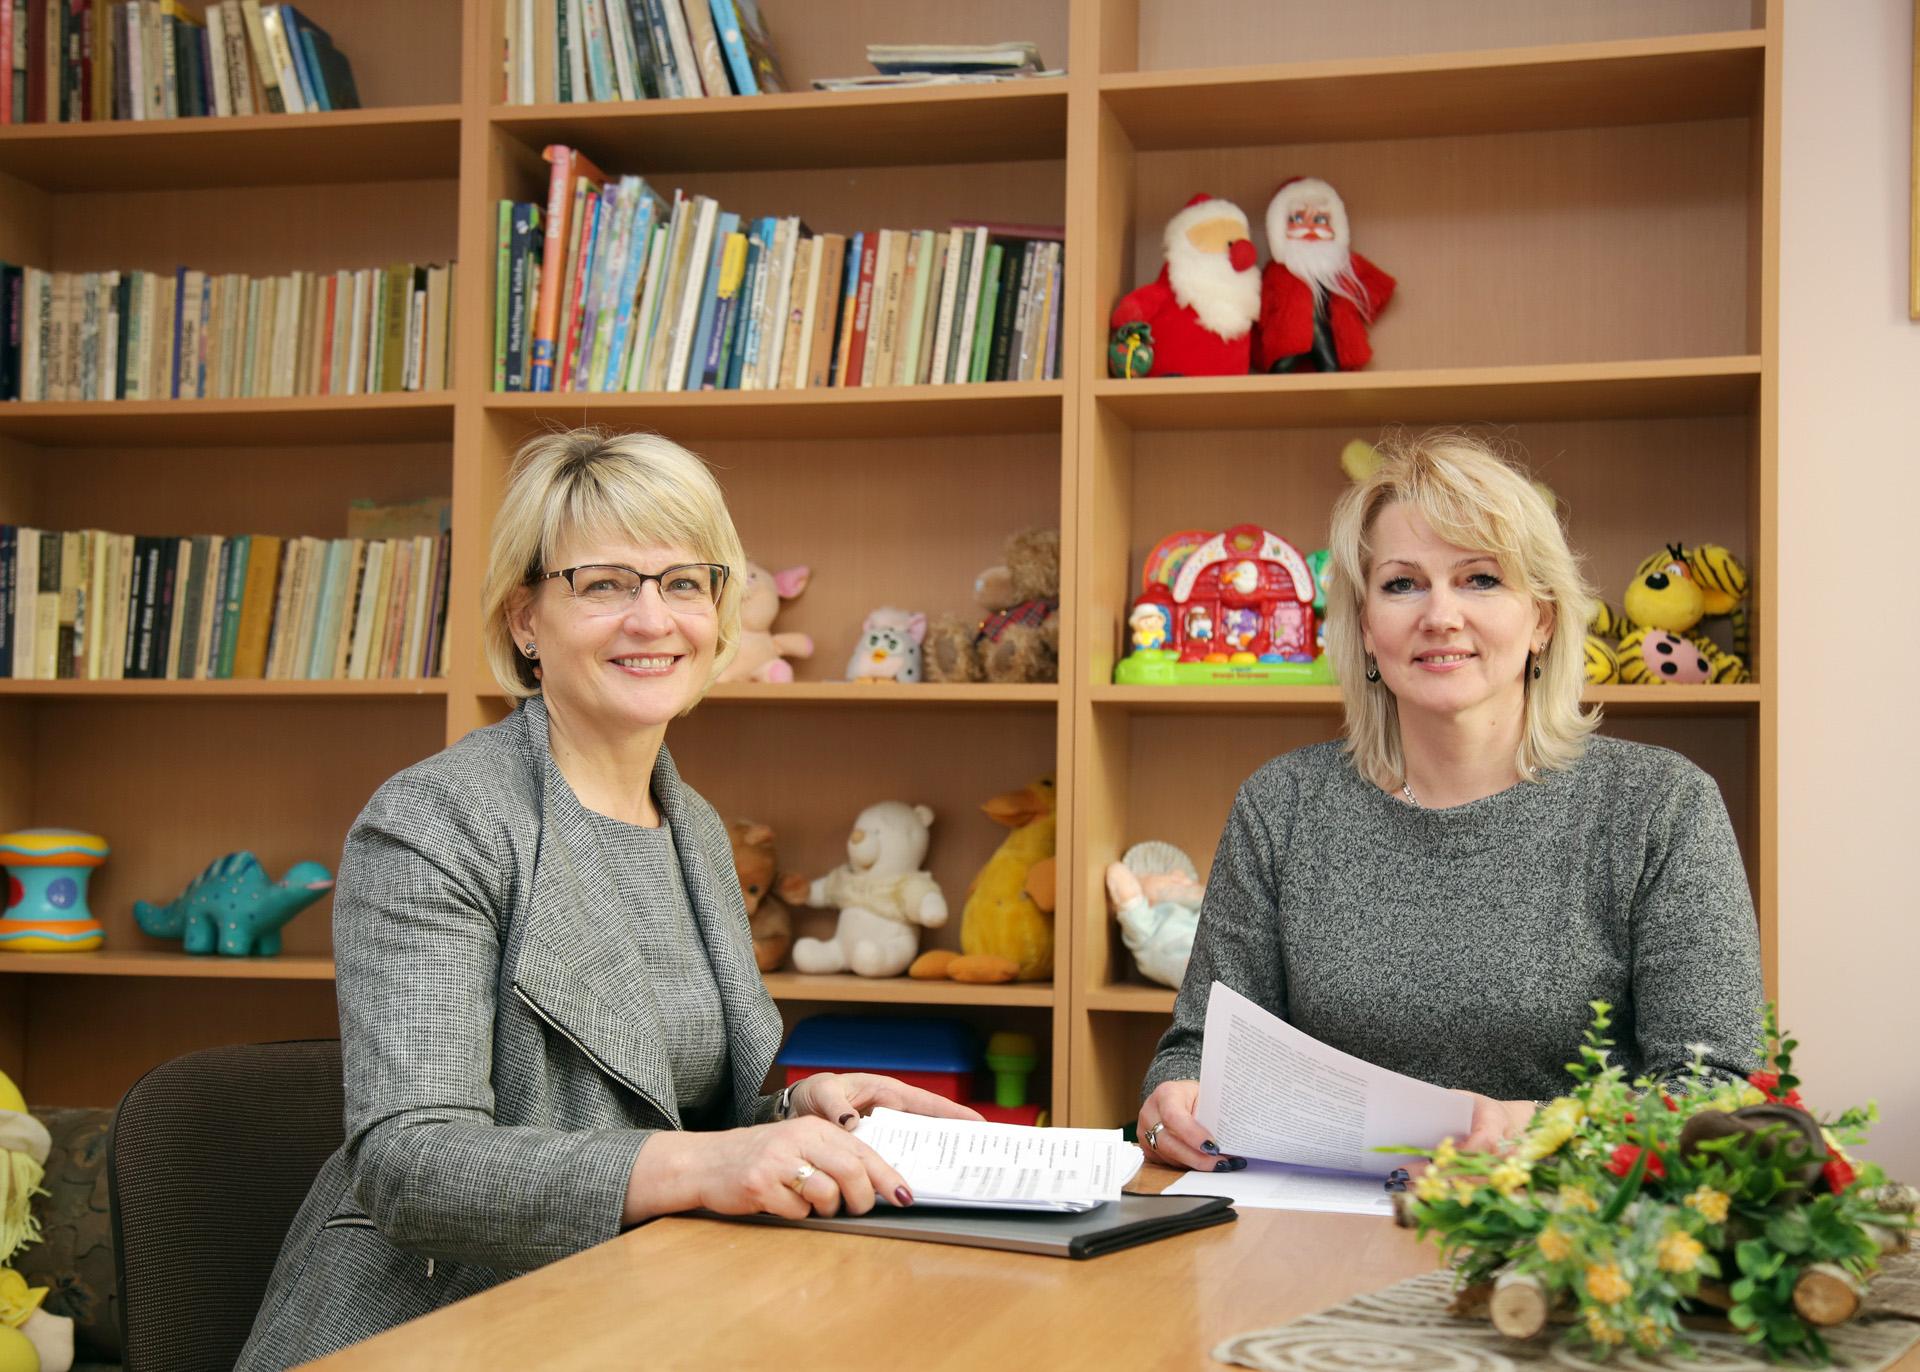 Socialinį darbą dirbančios moterys R. Stakniūnienė (kairėje) ir Sonata Kriščiūnienė pastebi, kad daugiausia bėdų moterų gyvenime kyla dėl žemos jų savivertės. G. Minelgaitės-Dautorės nuotr.